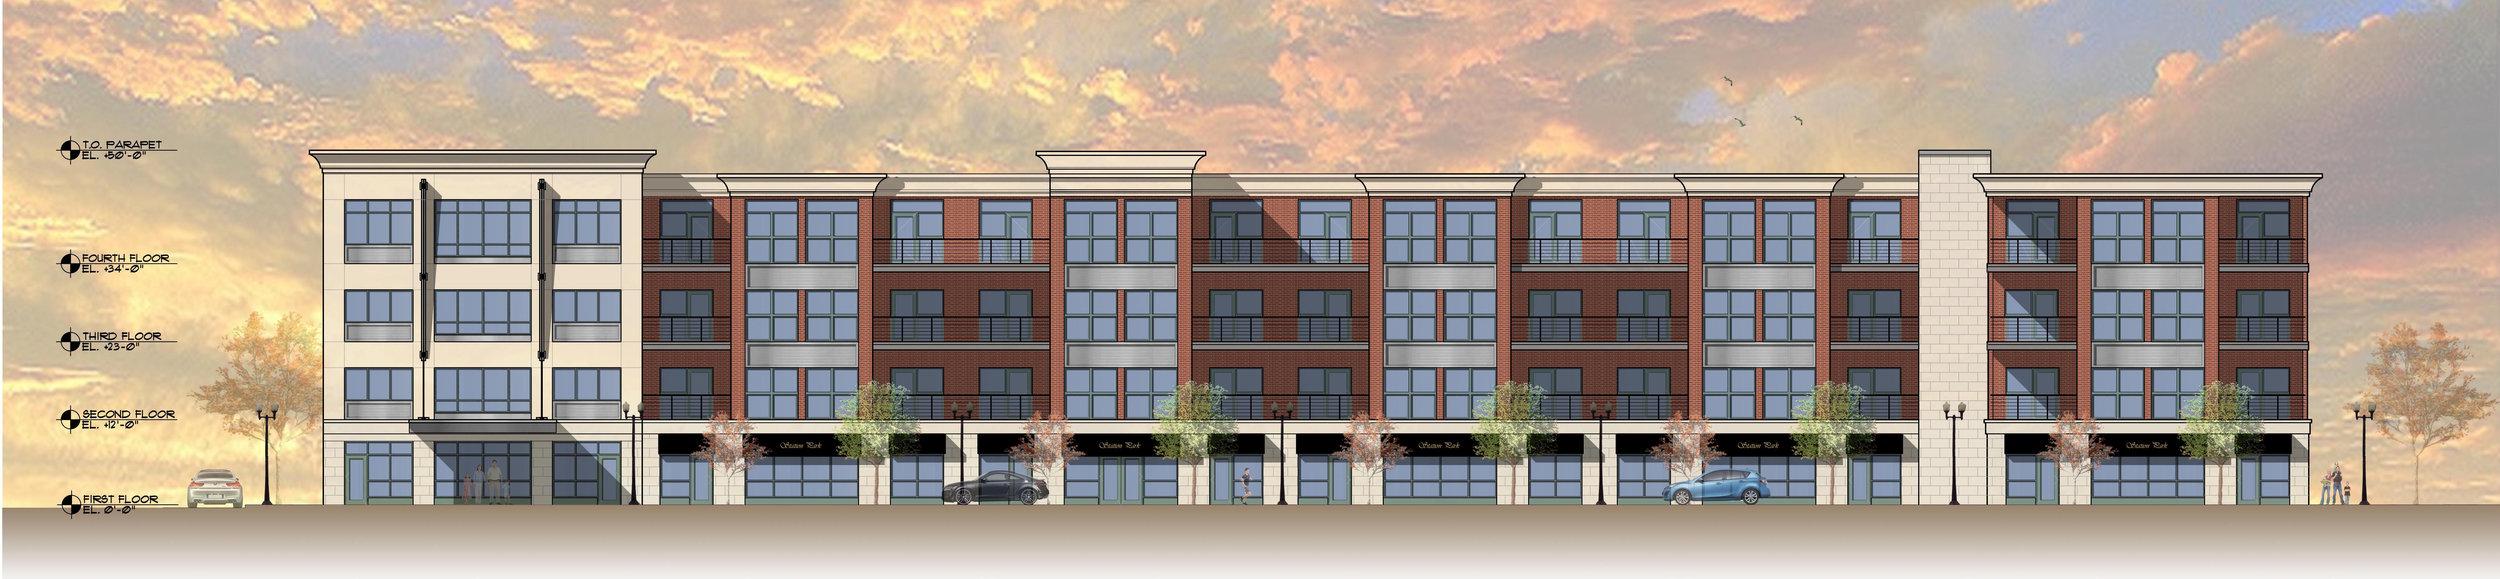 Conceptual Condominium, Anywhere, USA